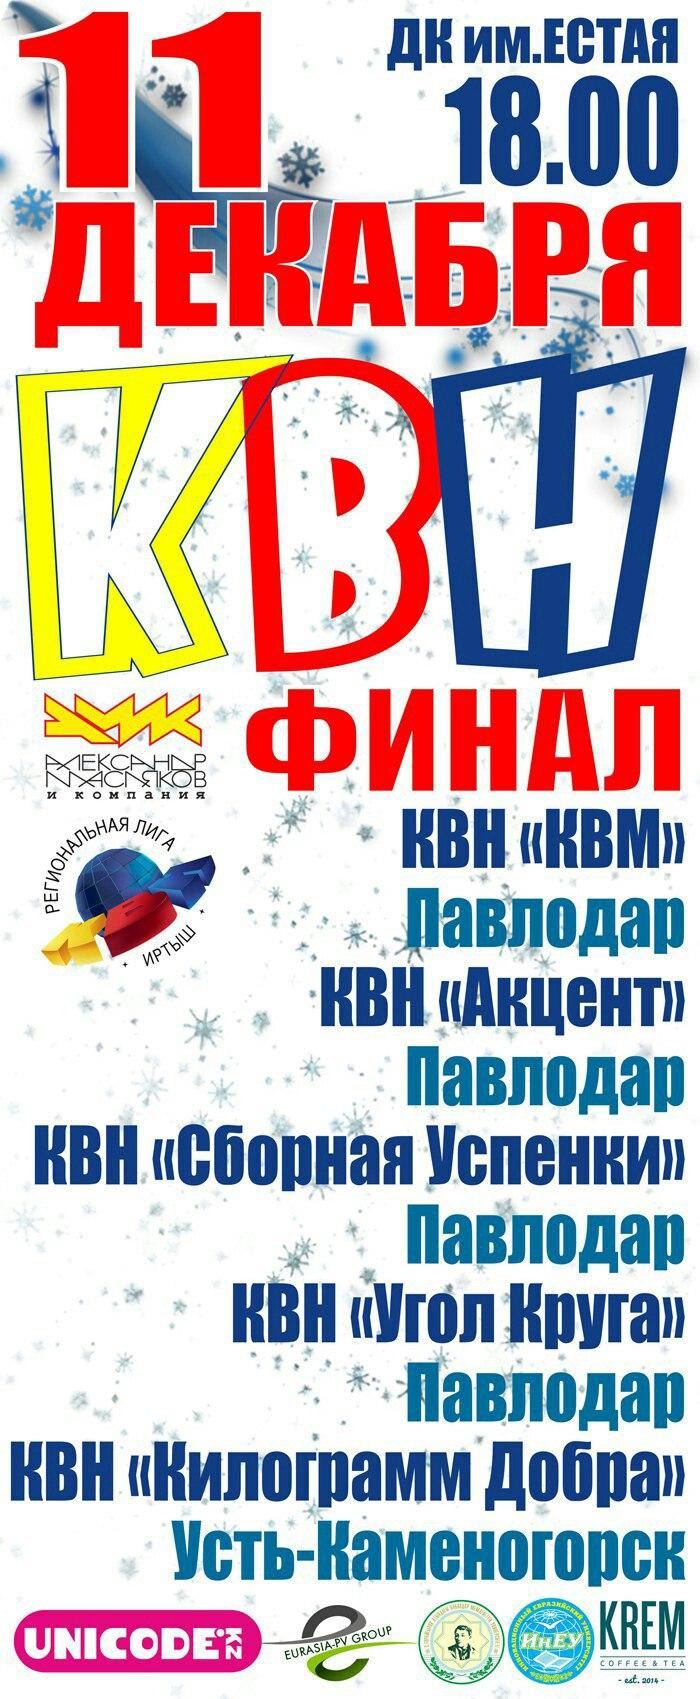 КВН 11 декабря в ДК им. Естая